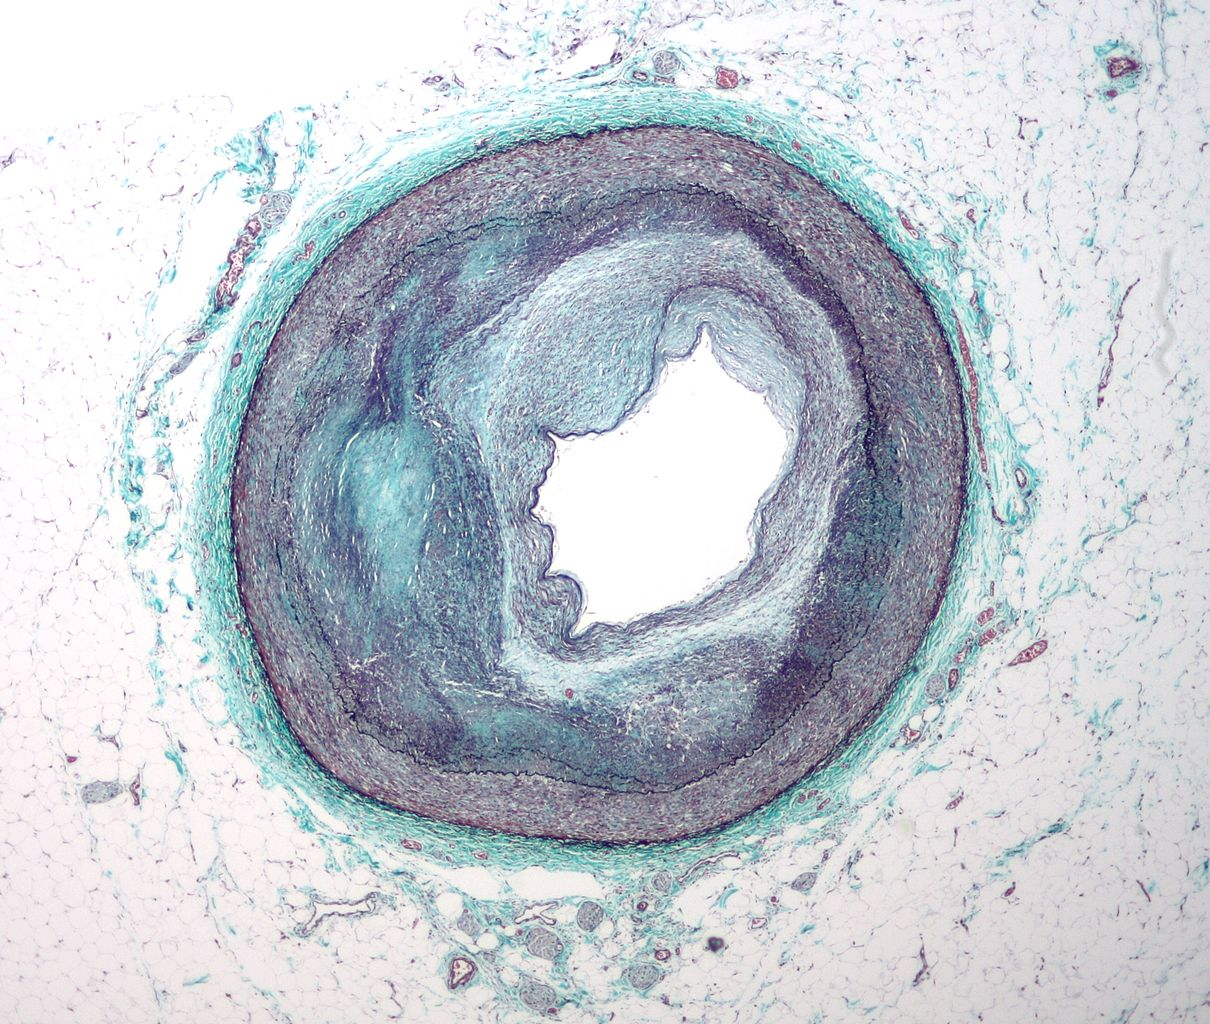 das ist die mikrografie einer Arteriosklerose